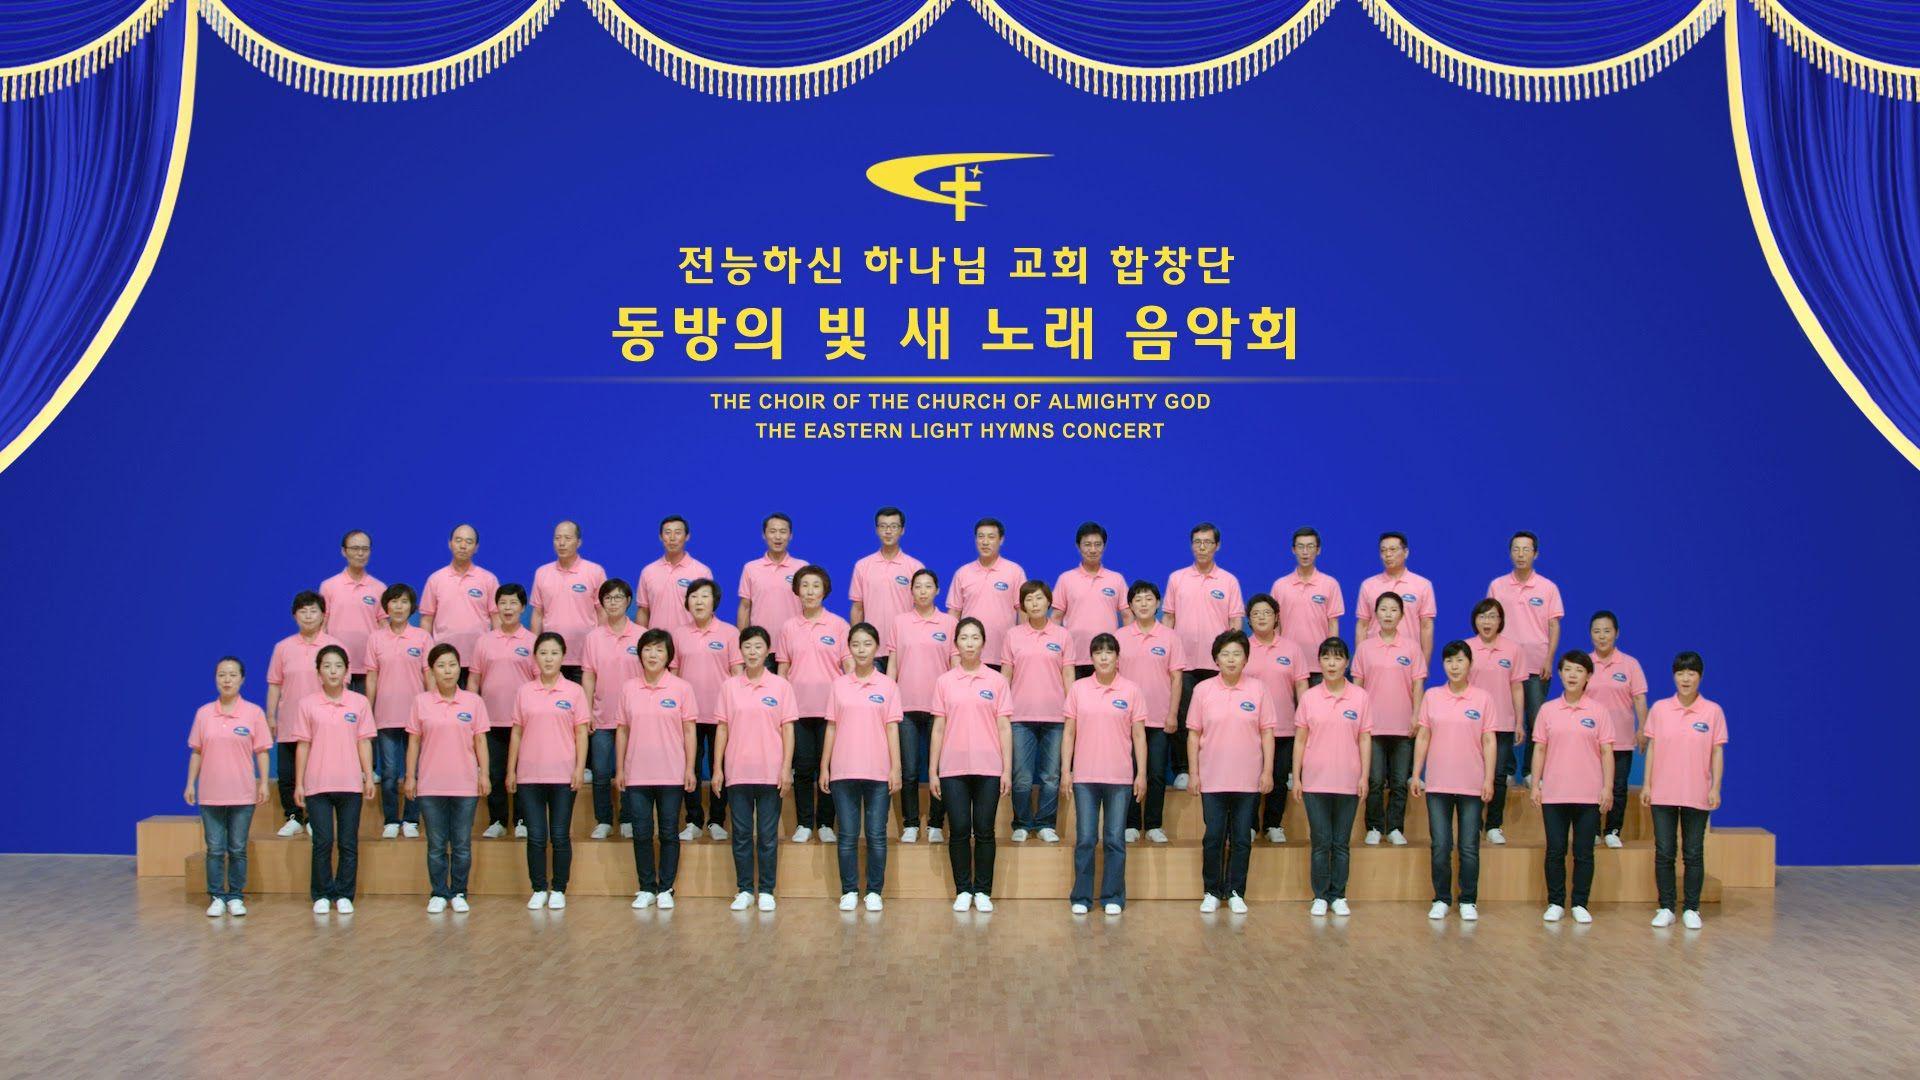 全能神教會韓文合唱團東方之光演唱會第三輯 praise music choir god almighty